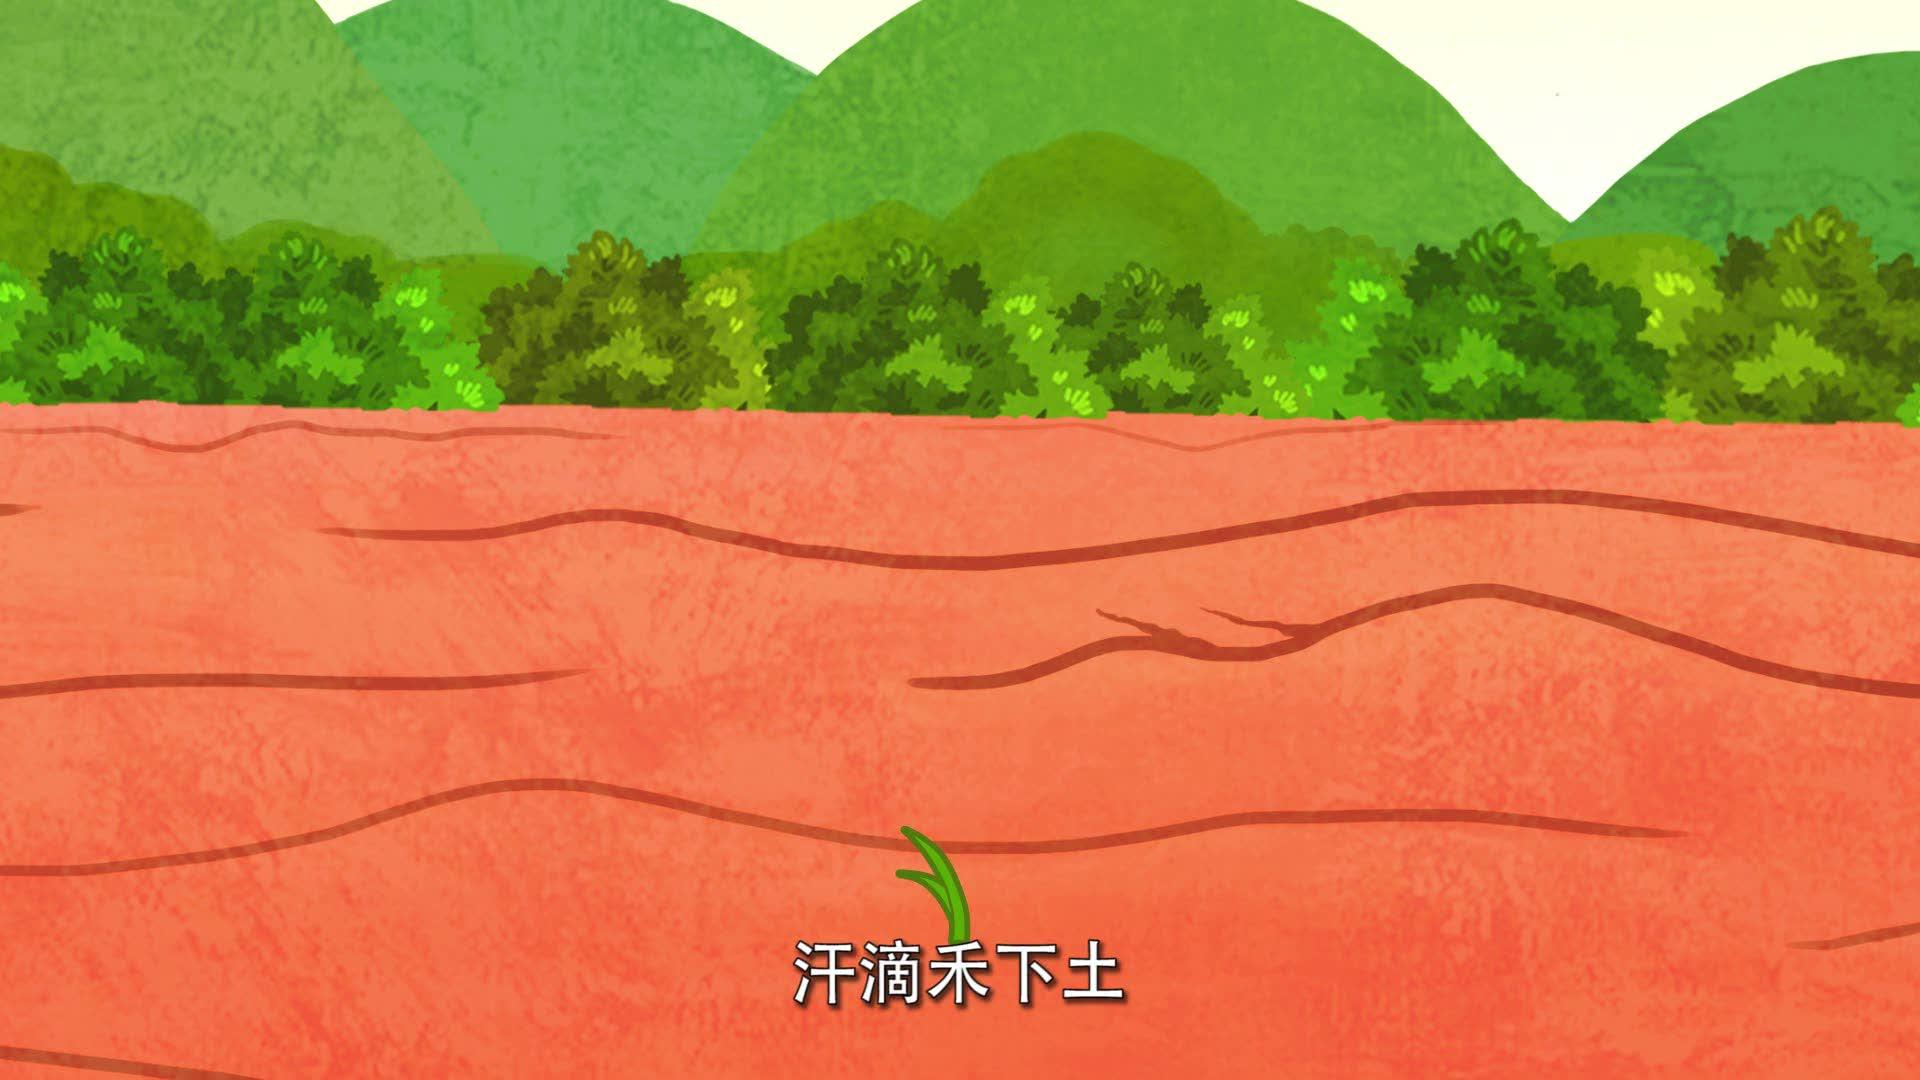 第70集《粒粒皆辛苦 珍惜不浪费》